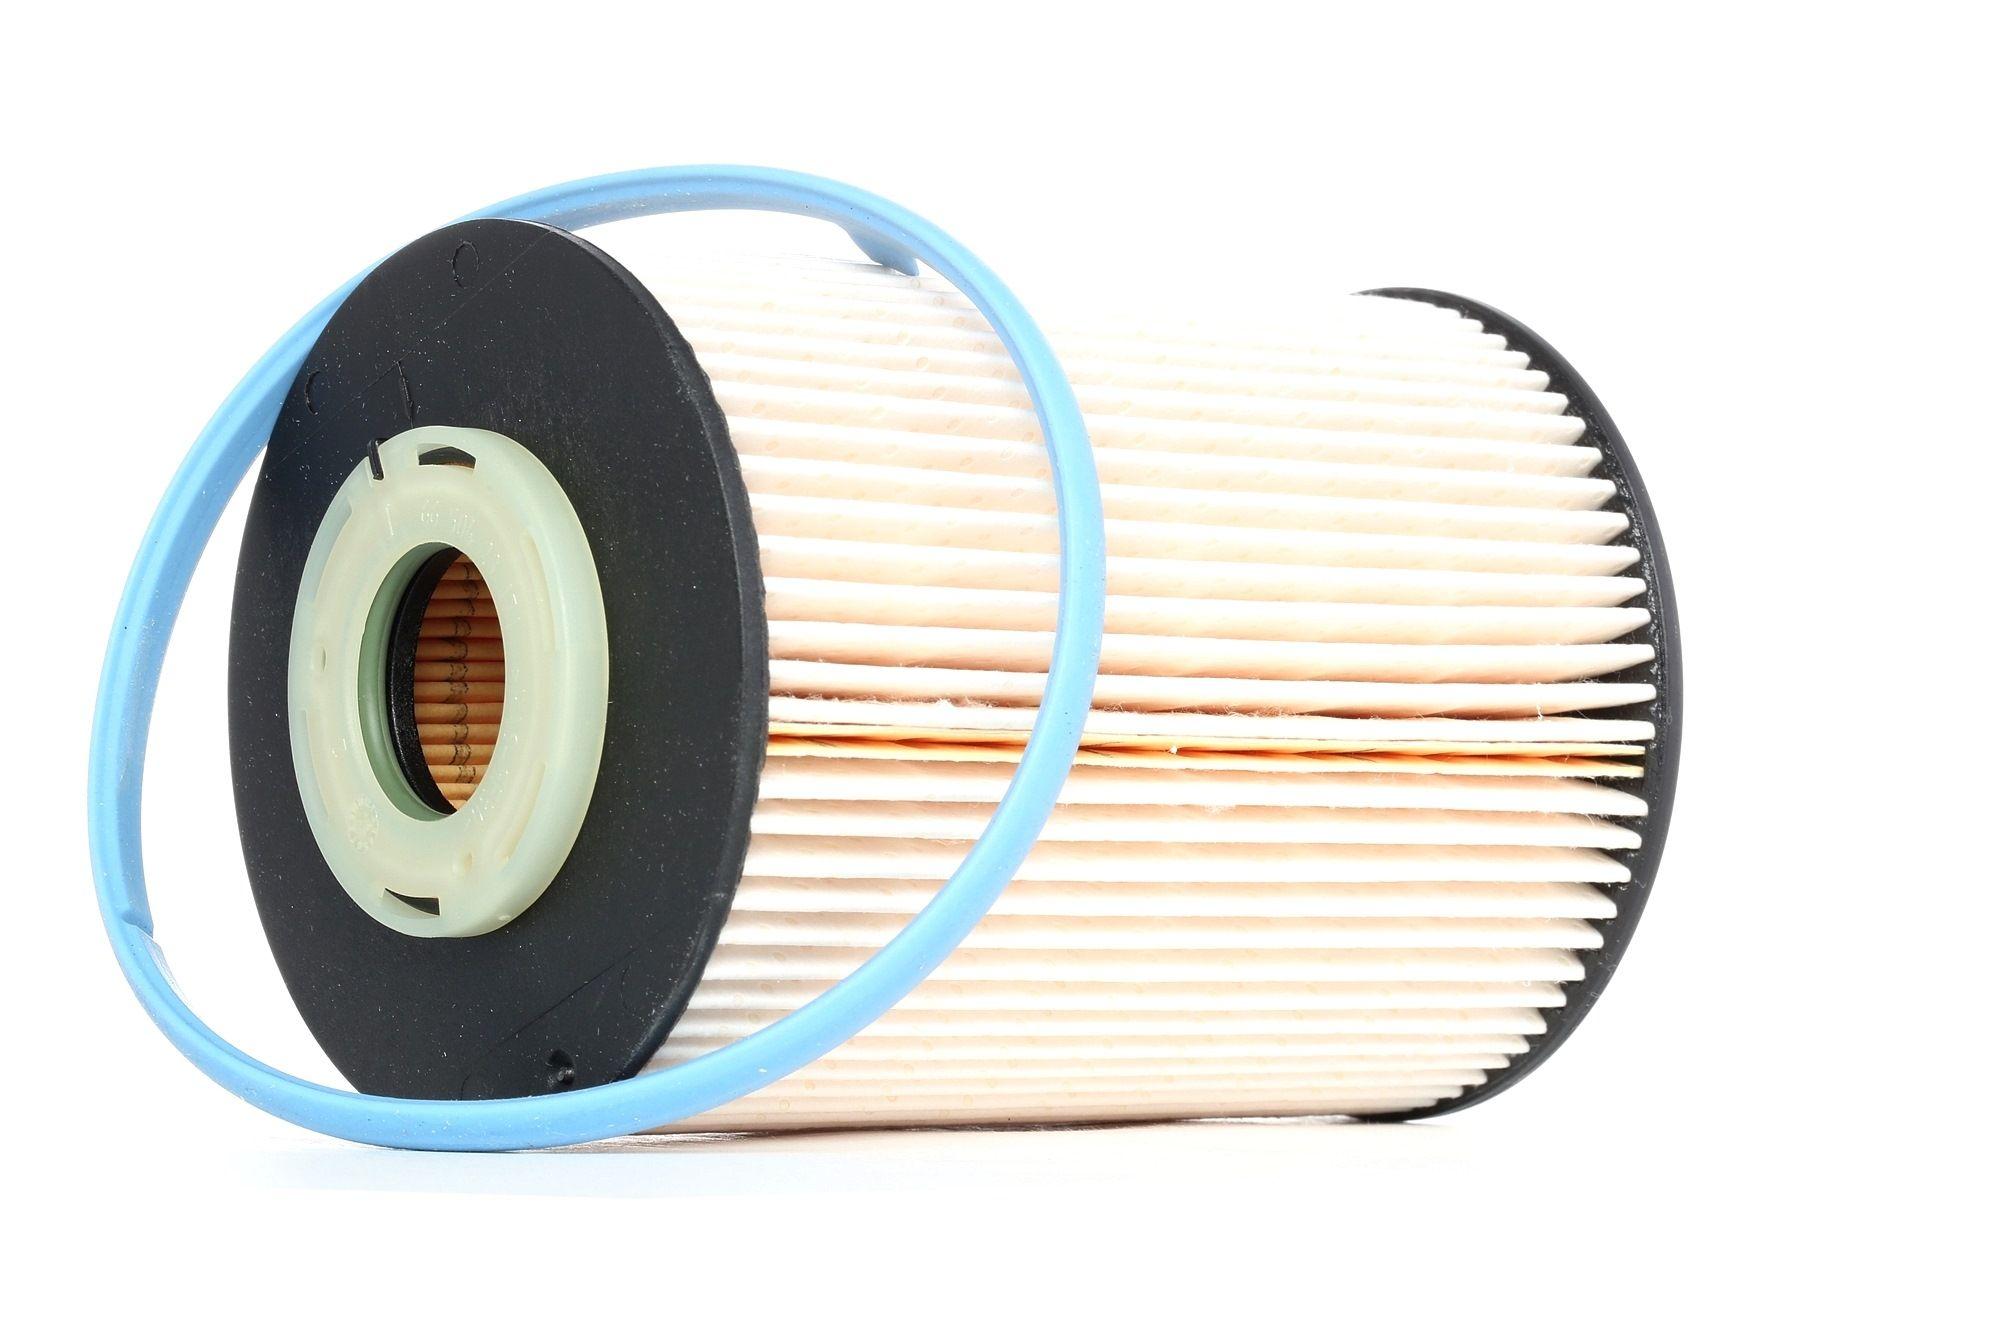 Pirkti PU 9003 z MANN-FILTER filtro įdėklas, su tarpikliais / sandarikliais aukštis: 113mm Kuro filtras PU 9003 z nebrangu